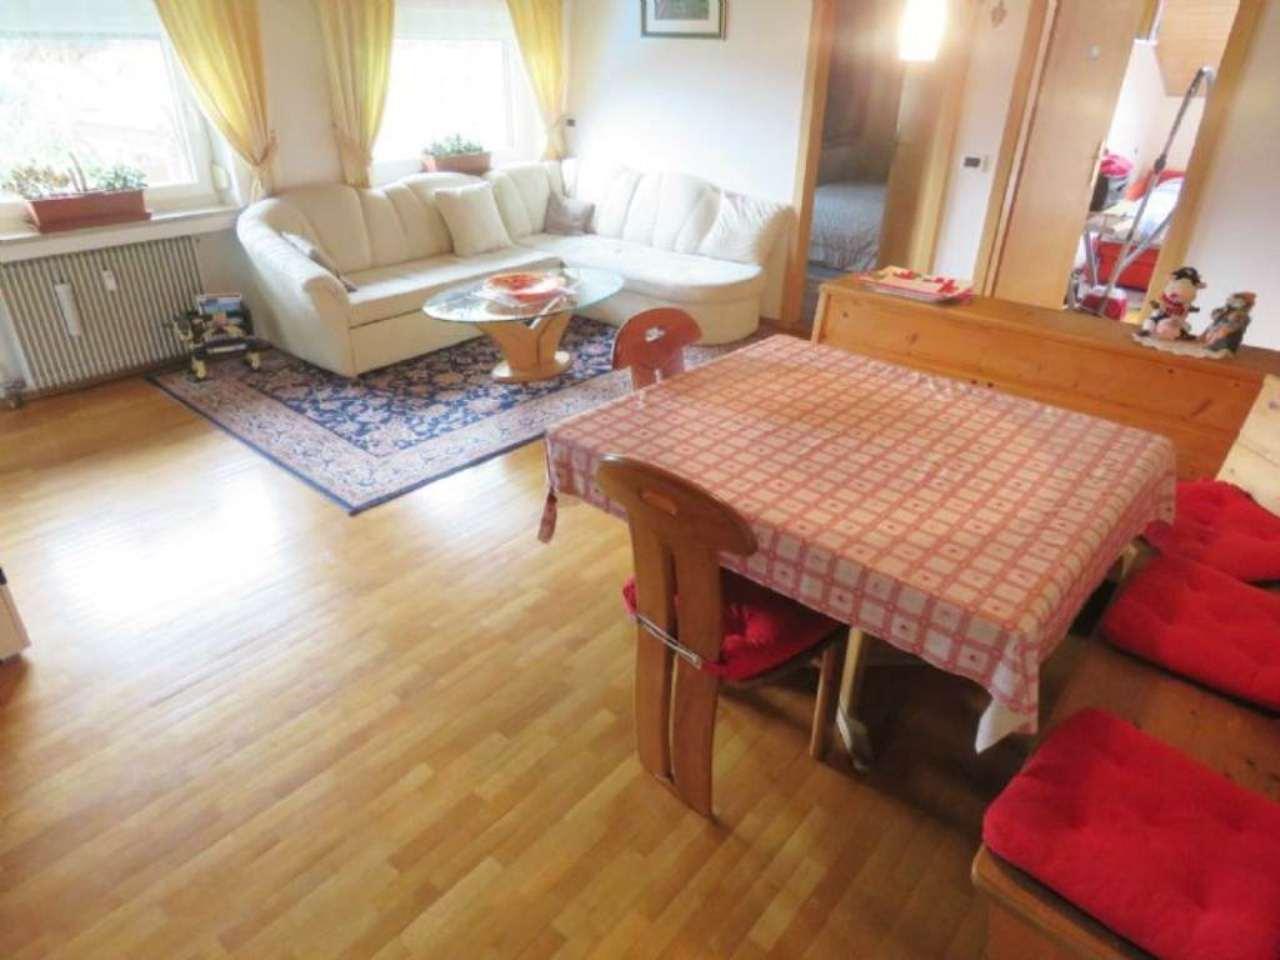 Attico / Mansarda in vendita a Marlengo, 3 locali, prezzo € 165.000 | Cambio Casa.it